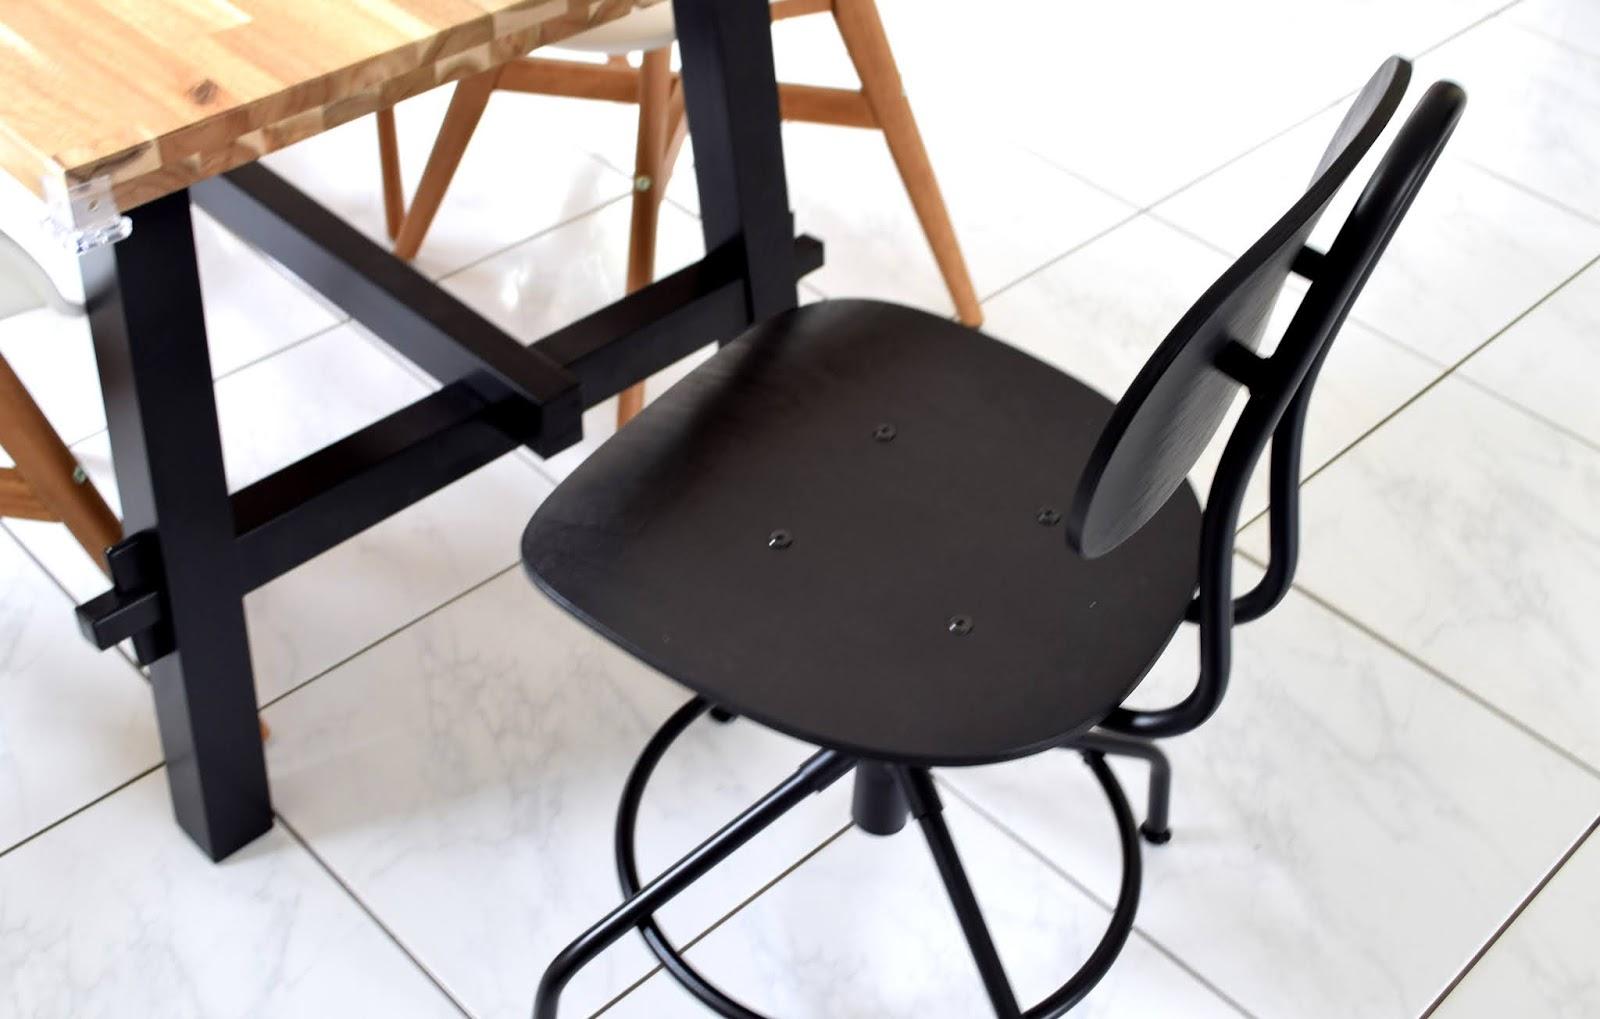 Krzesło pasujące do stylu przemysłowego